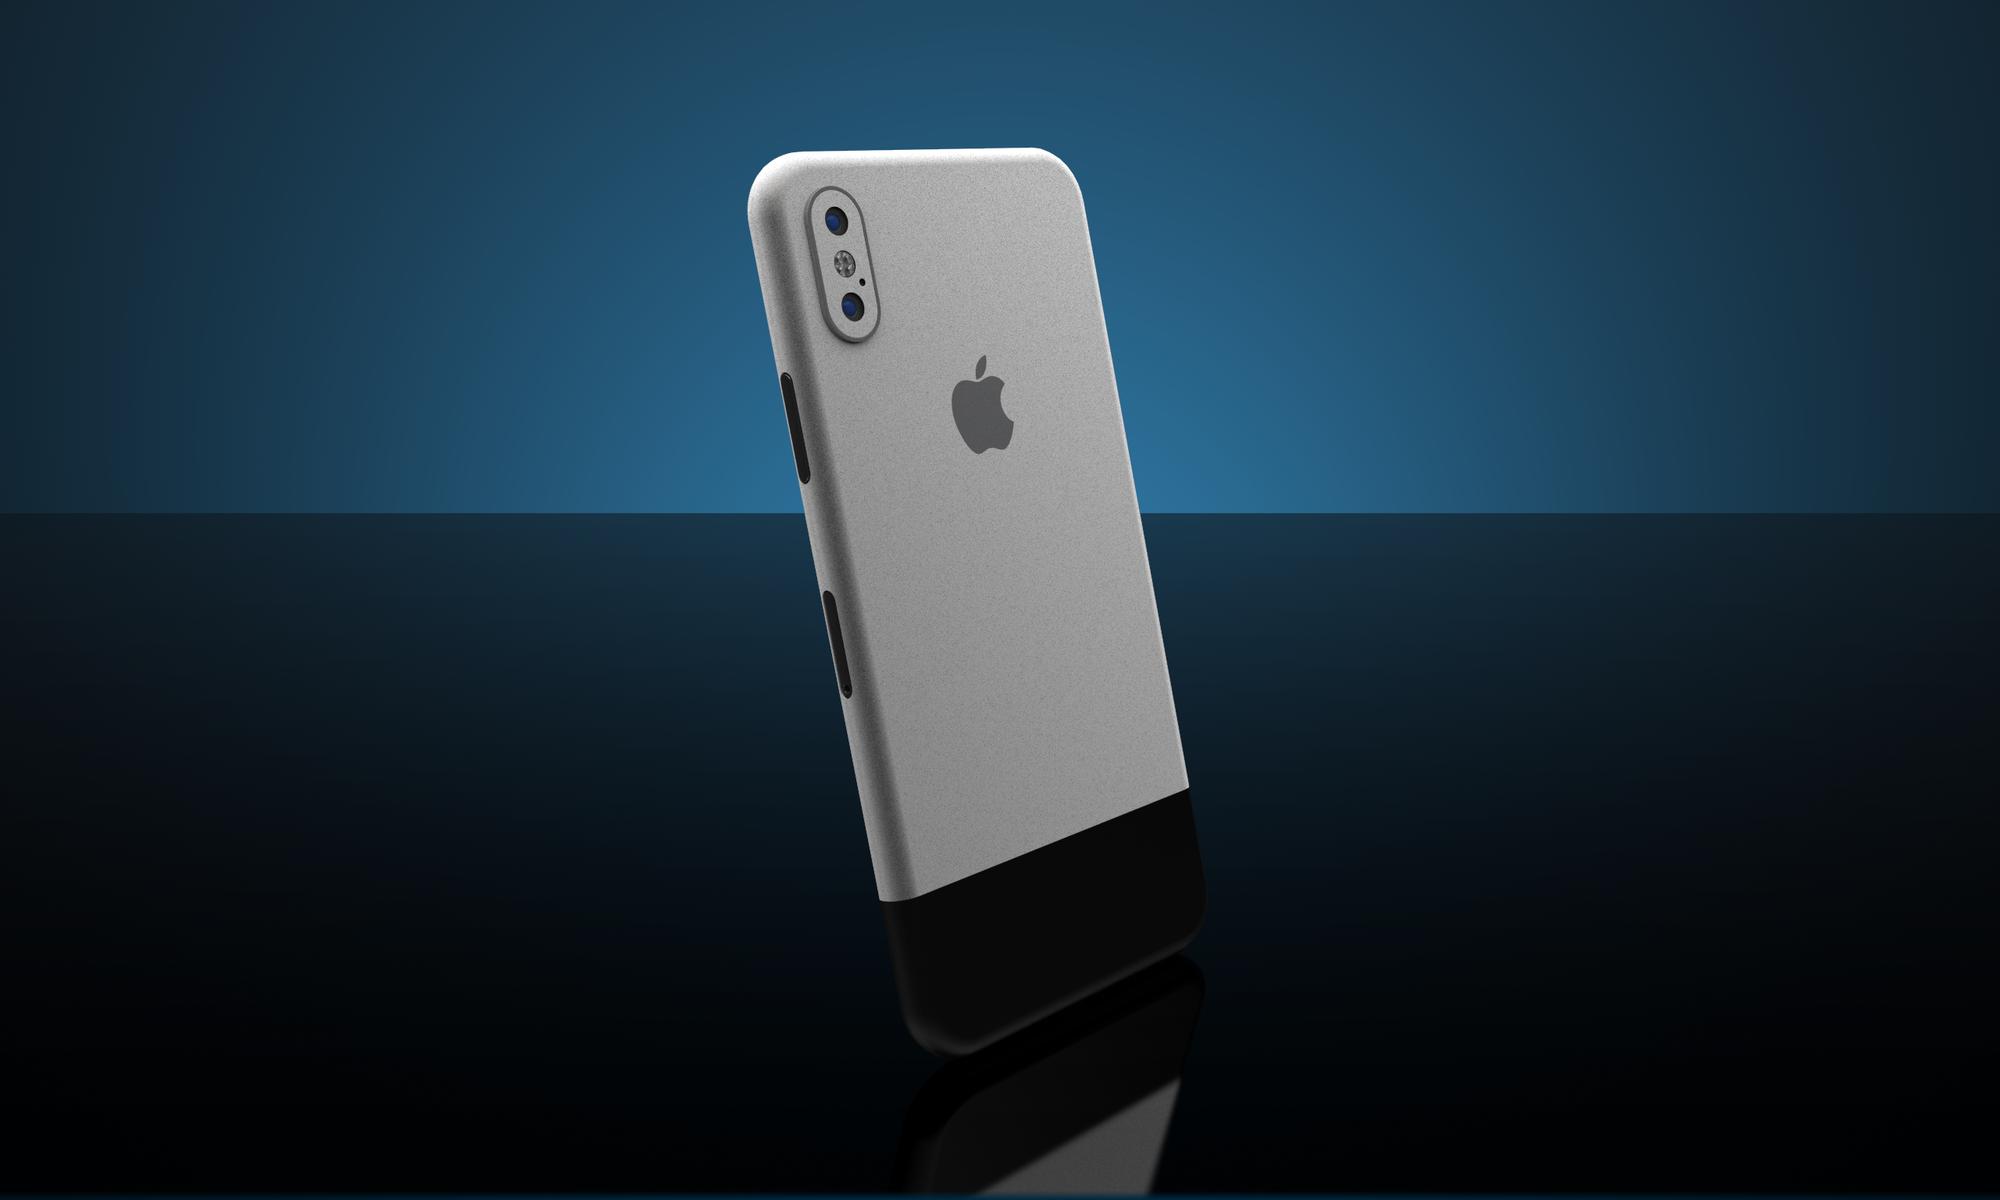 new concept a7748 cbd14 Original iPhone X Full Back skin